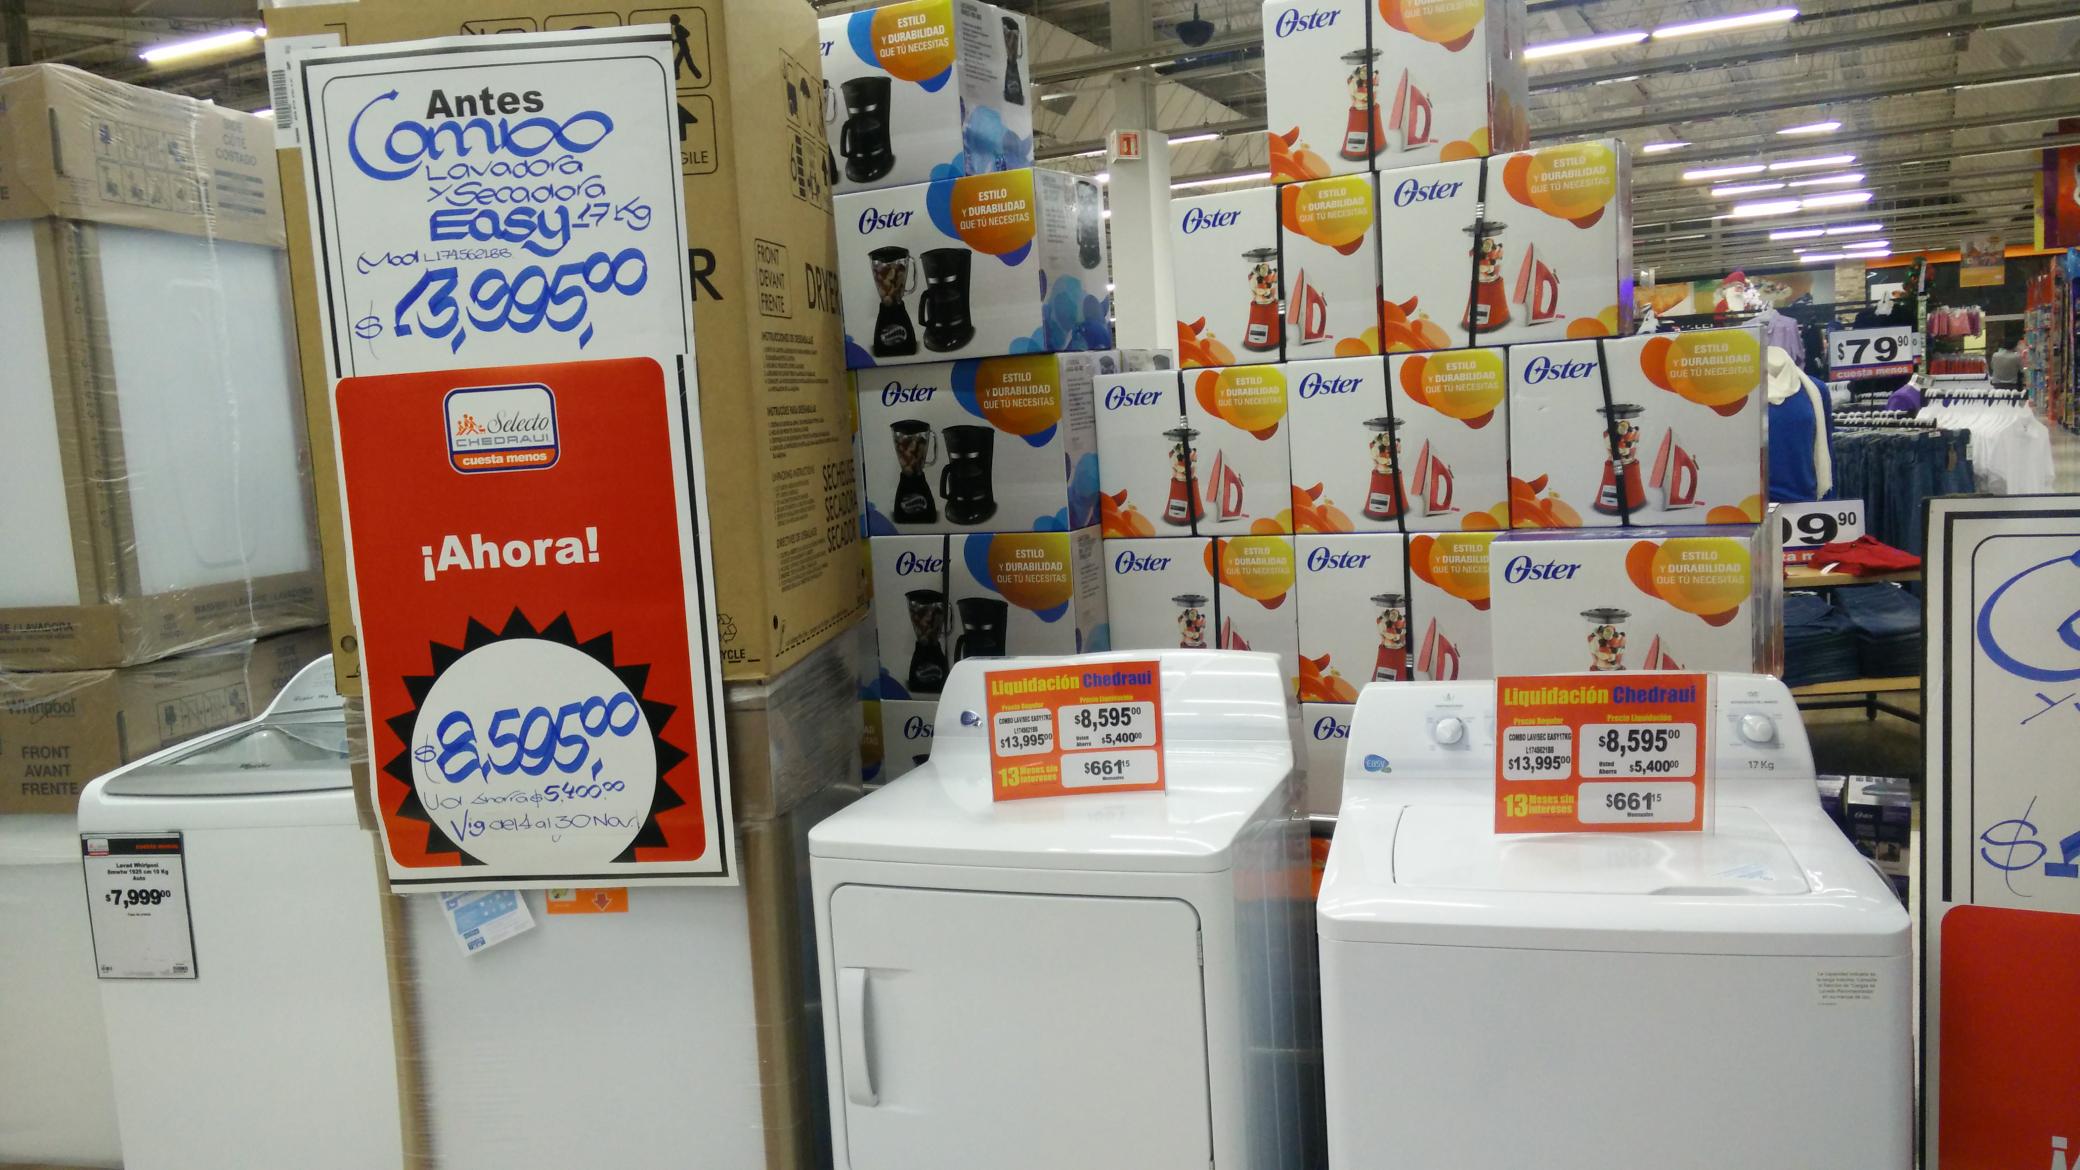 Chedraui: centro de lavado lavadora y secadora easy 17kg